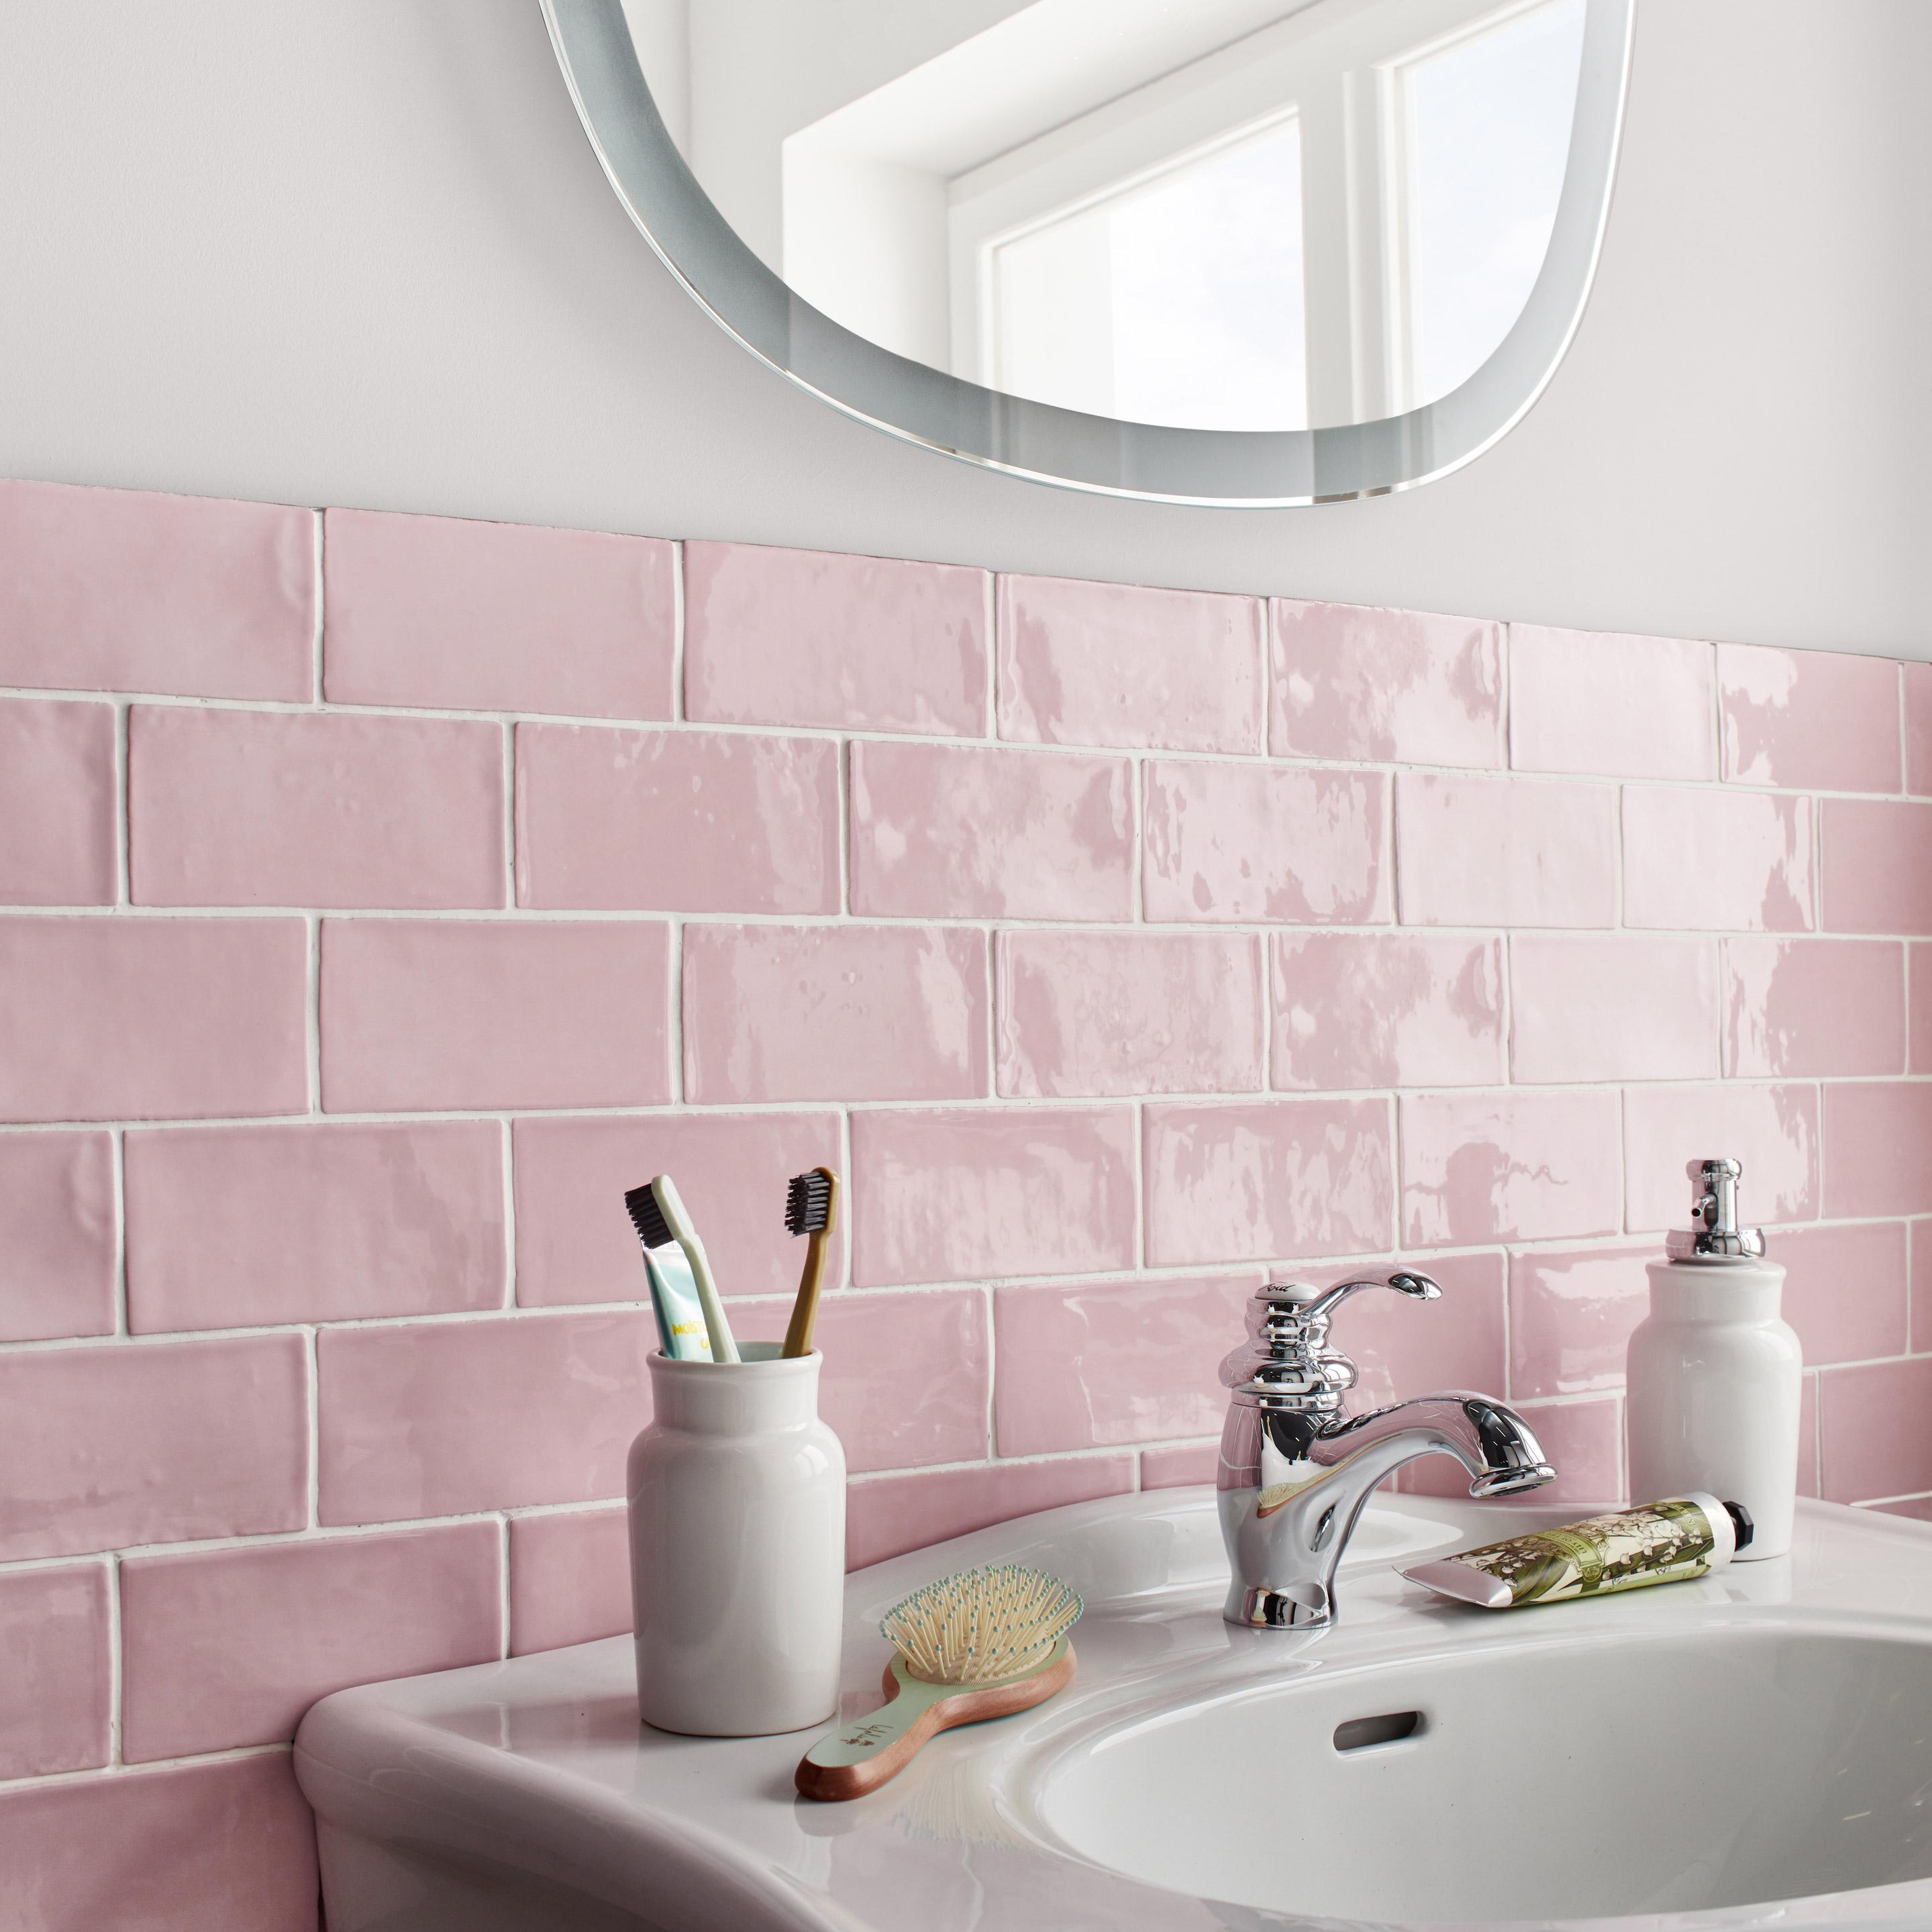 Lavabo Personne Mobilité Réduite lavabo colonne en céramique, blanc, sensea 2 pieds charm